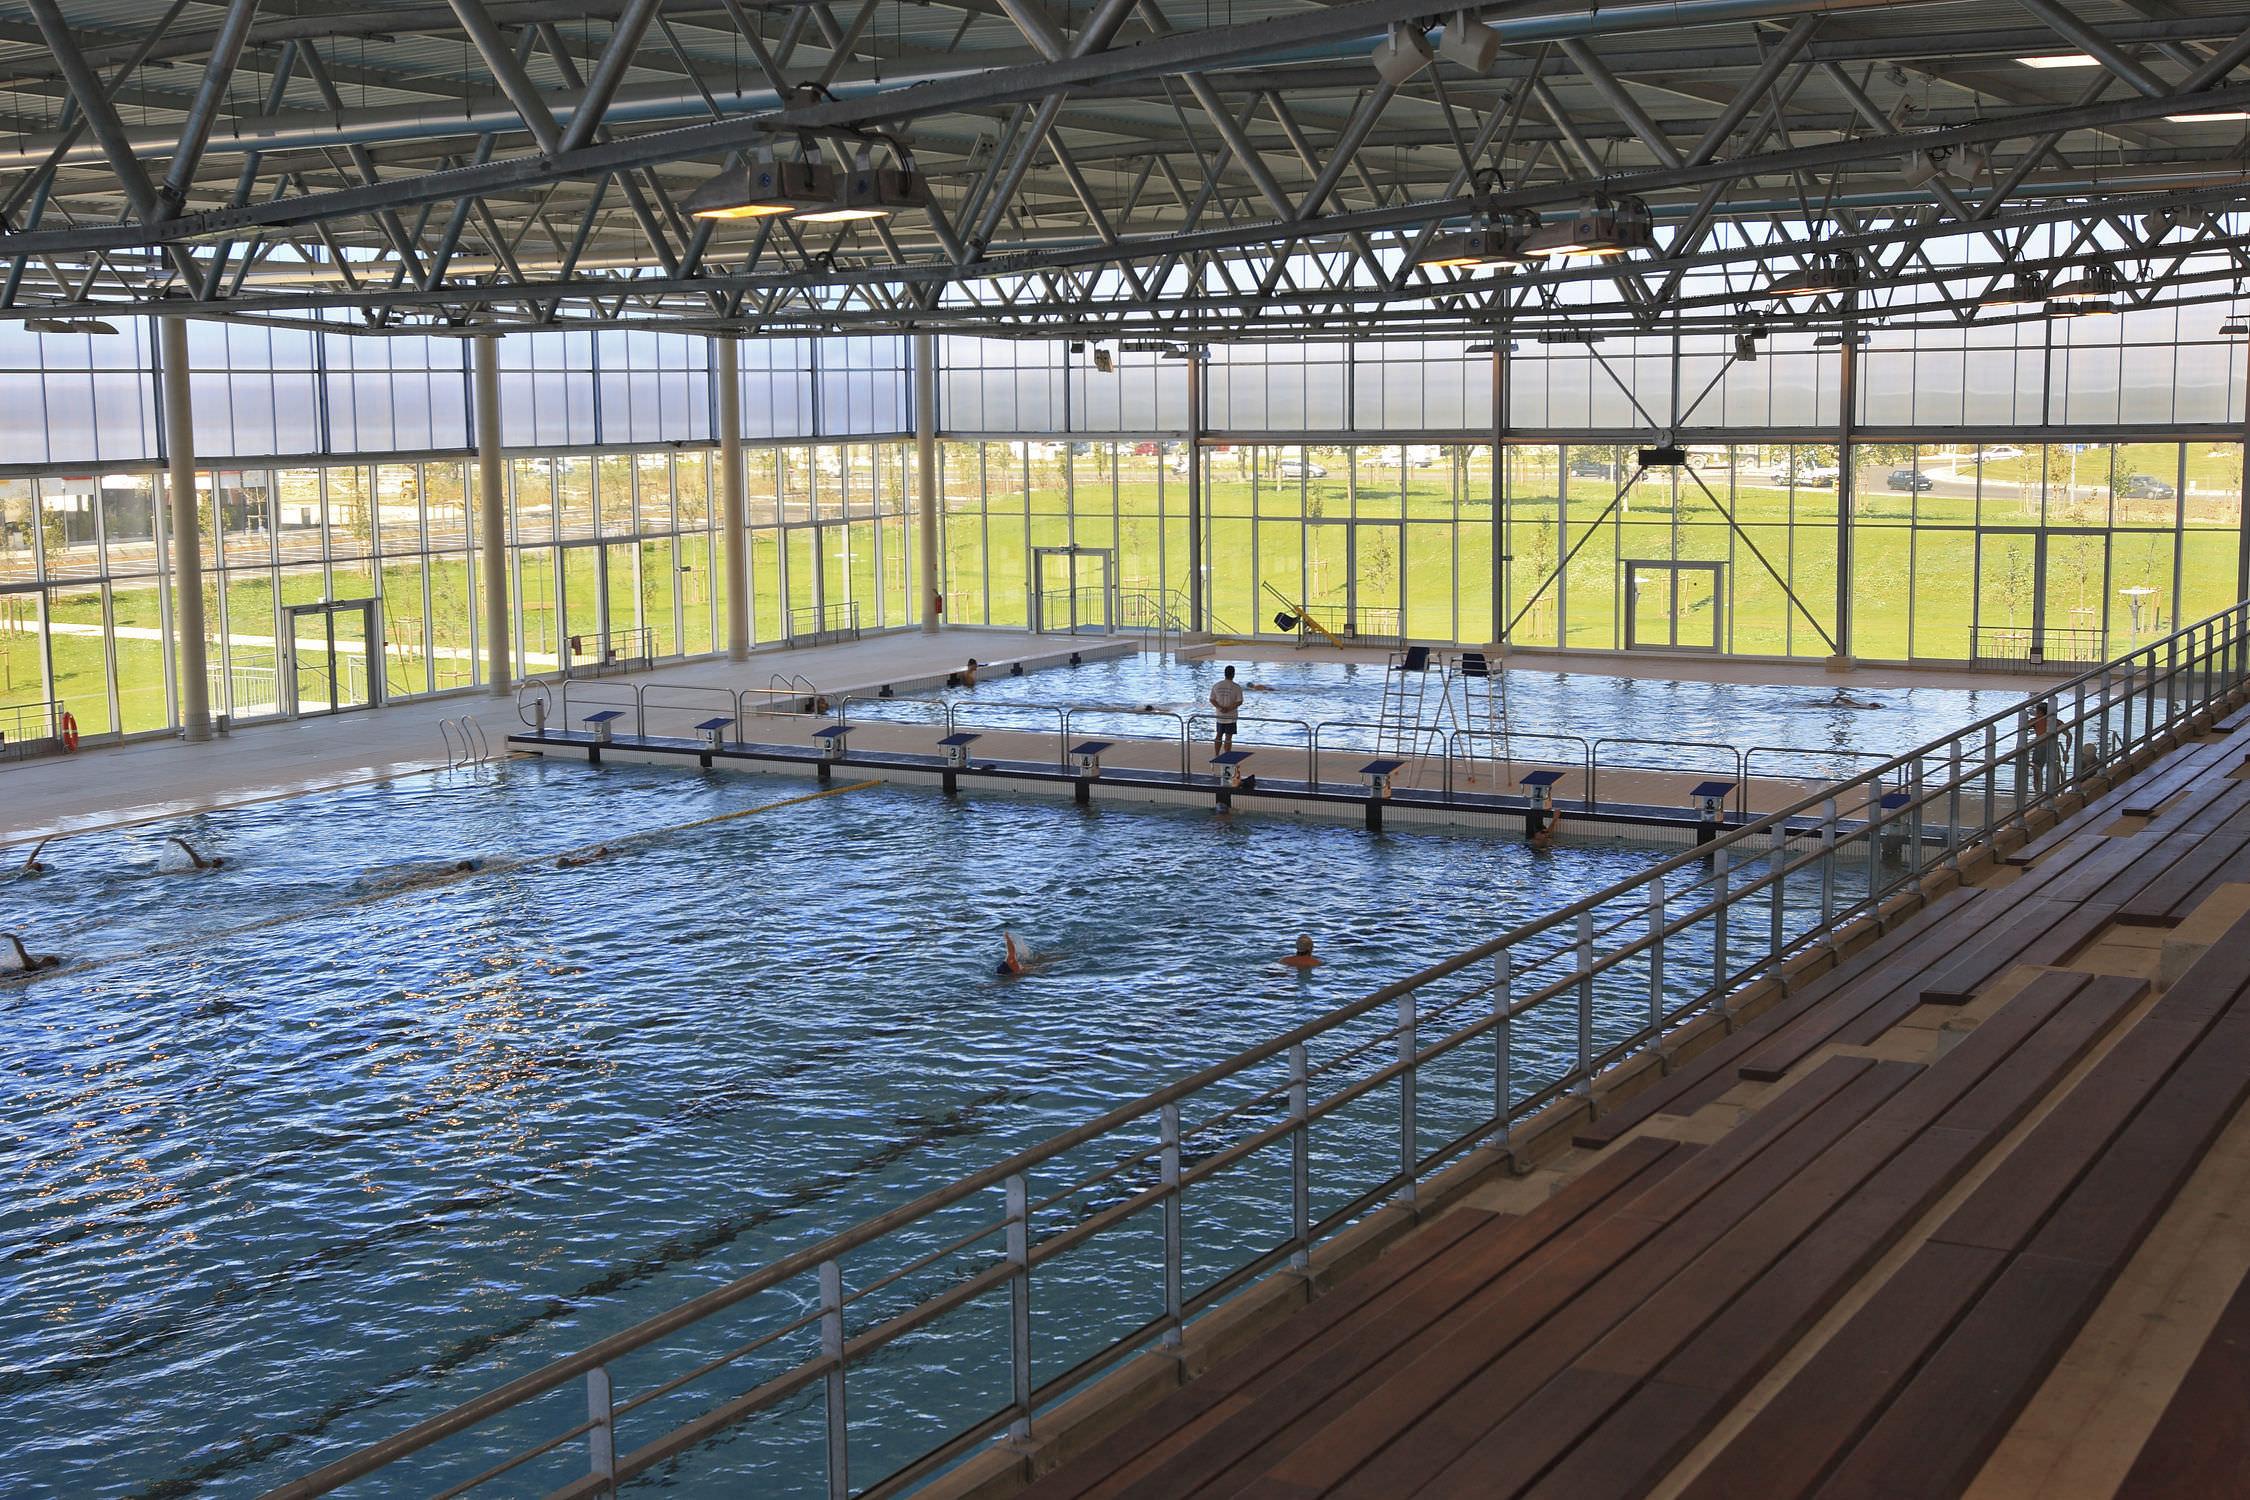 Ceramic Competition Pool / Public / Outdoor - Aquatic Center ... pour Piscine Nemausa